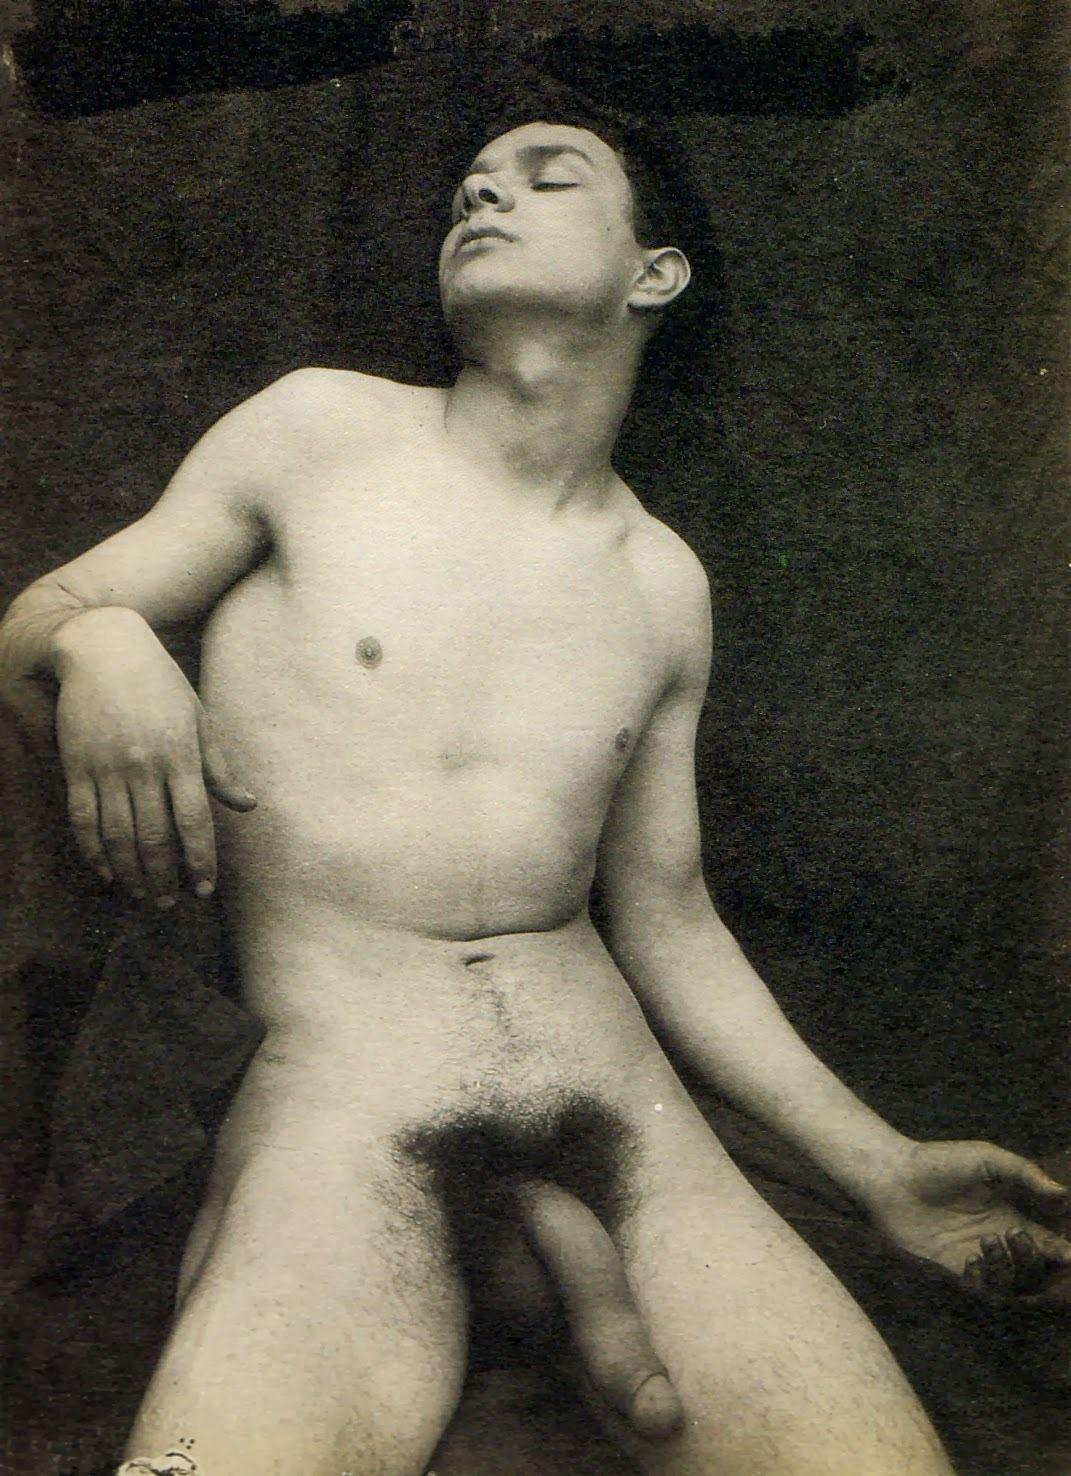 Vintage Male Erotica Il Serpente - By Vincenzo Galdi -7314